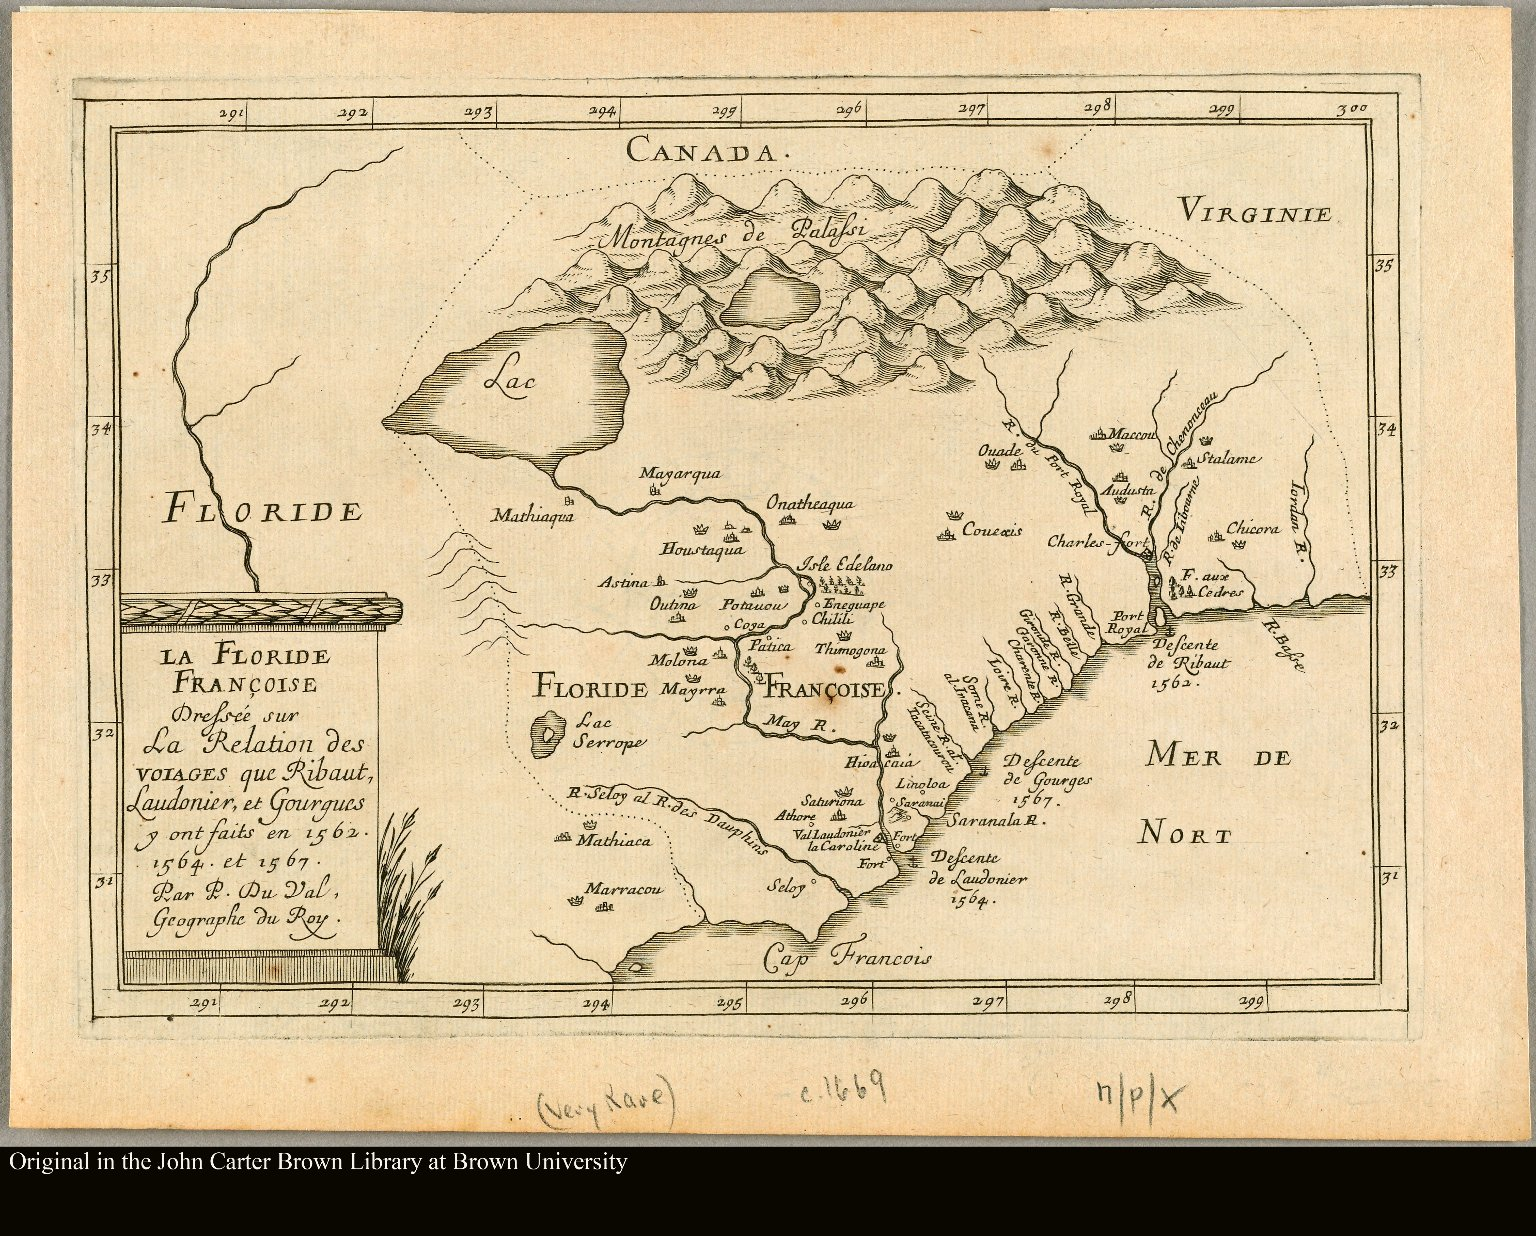 La Floride Françoise dressée sur la relation des voiages que Ribaut, Laudonier, et Gourgues y ont faits en 1562, 1564 et 1567 Par P. Du-Val